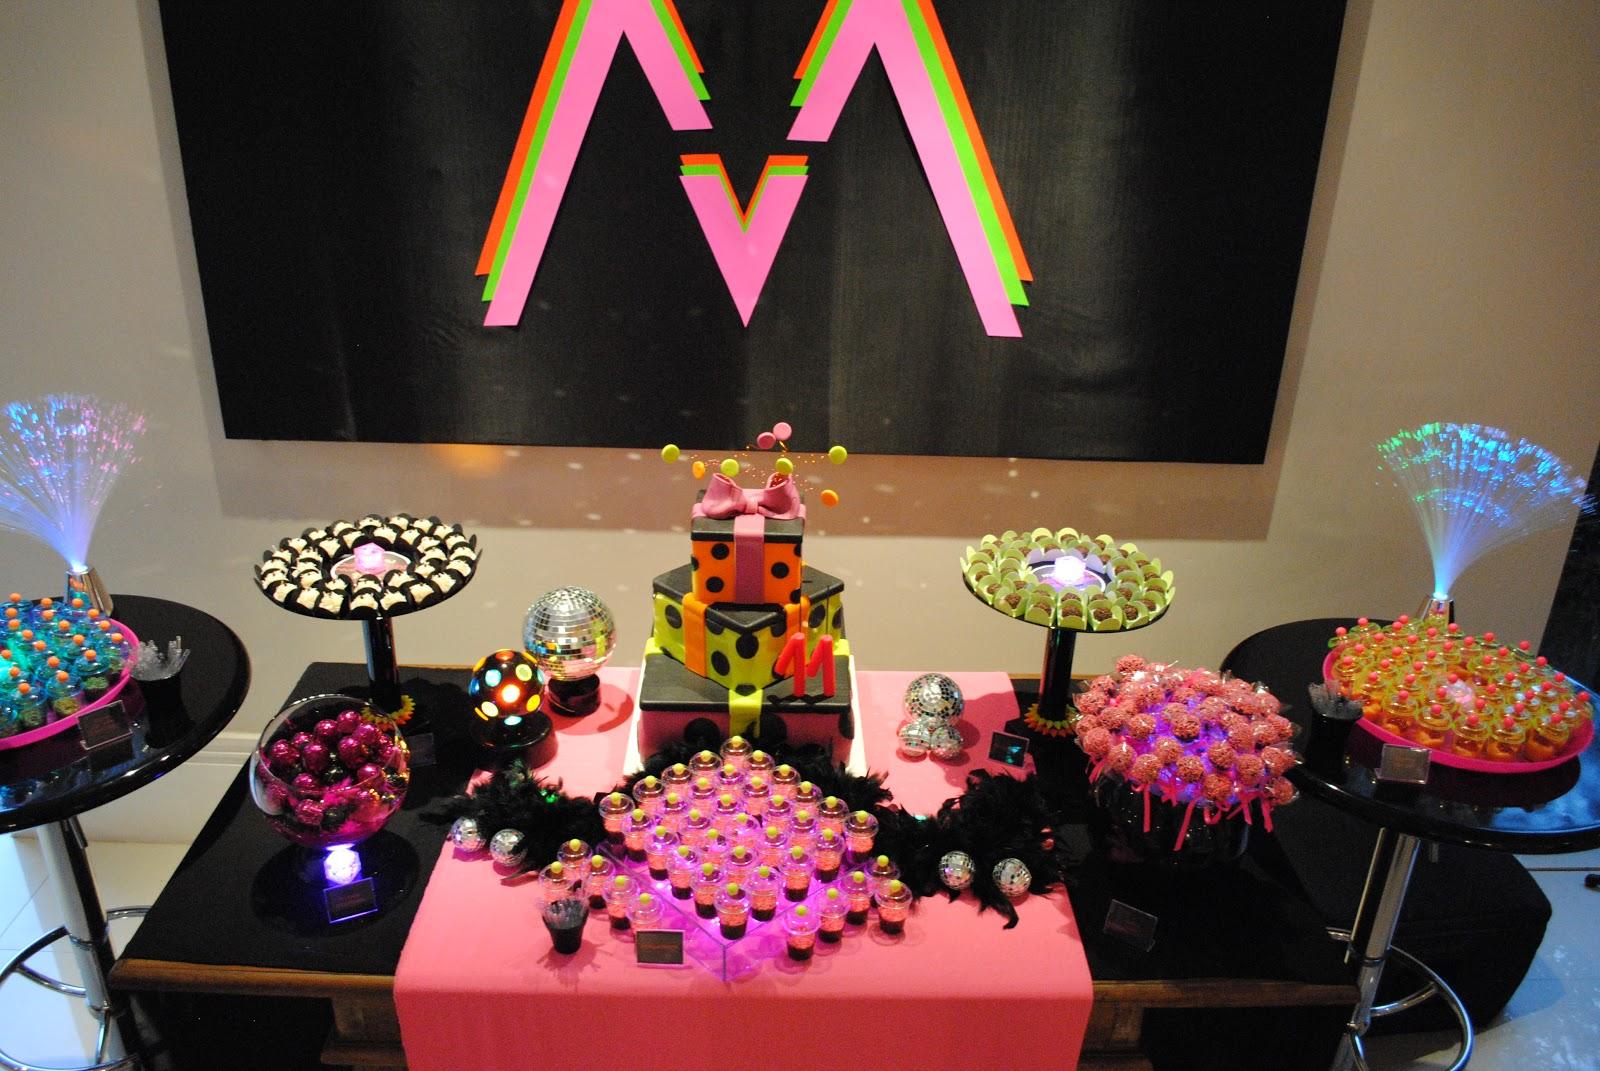 decoracao festa glow:Sei que não irei resistir e farei uma mesinha básica de doces e um